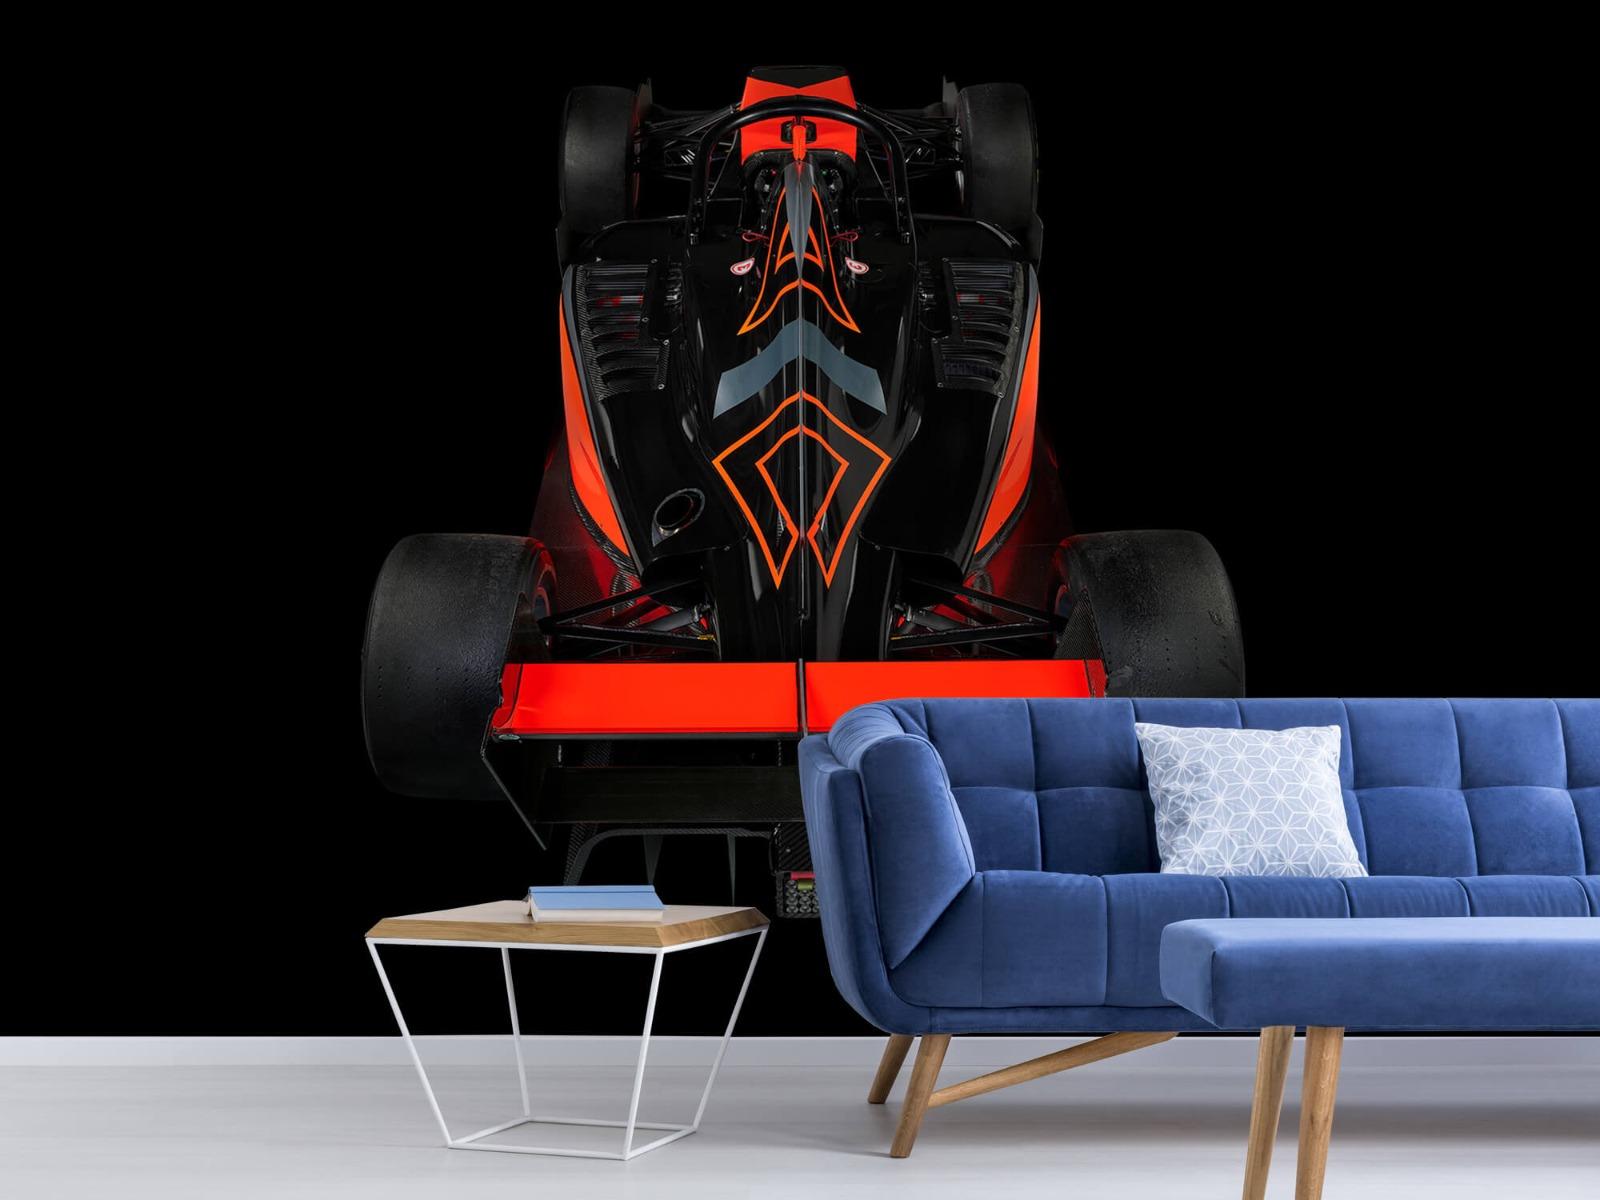 Sportauto's - Formule 3 - Rear view - dark - Tienerkamer 4